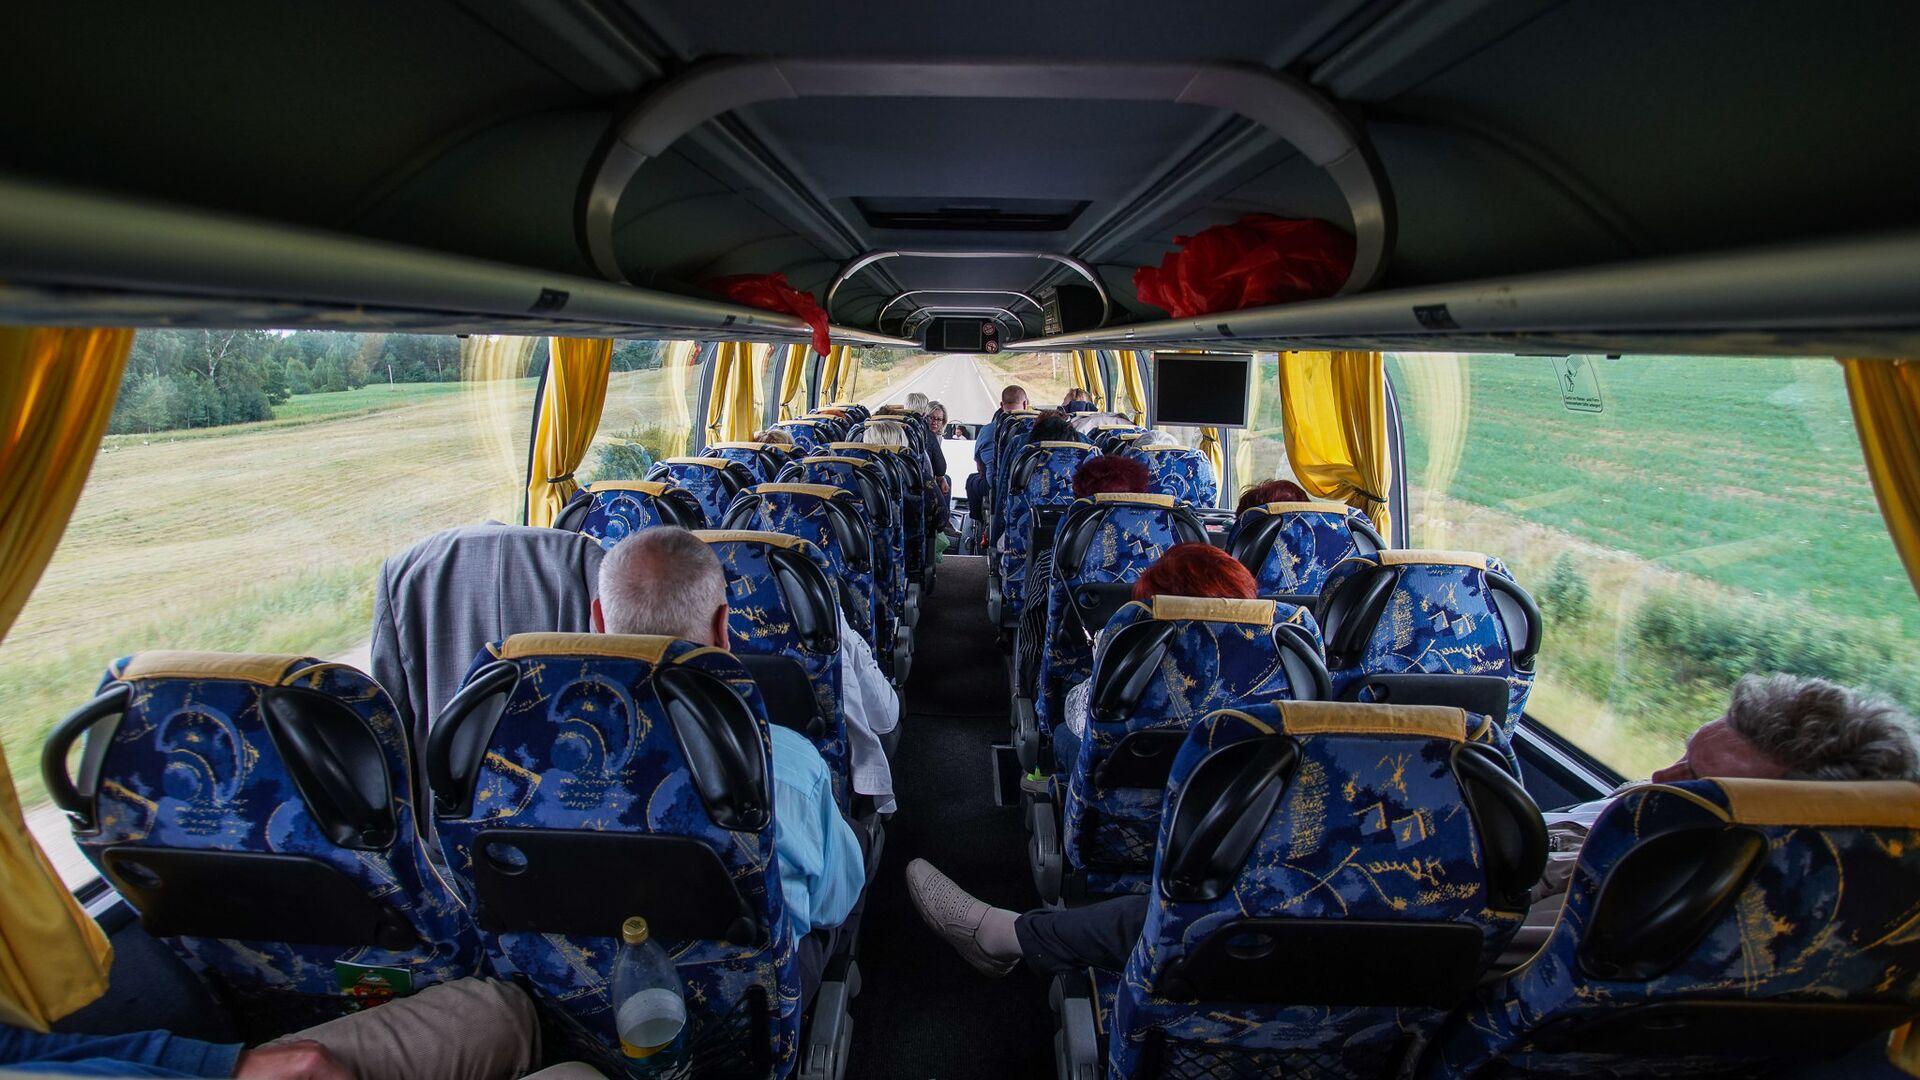 Салон пассажирского автобуса - Sputnik Латвия, 1920, 26.08.2021